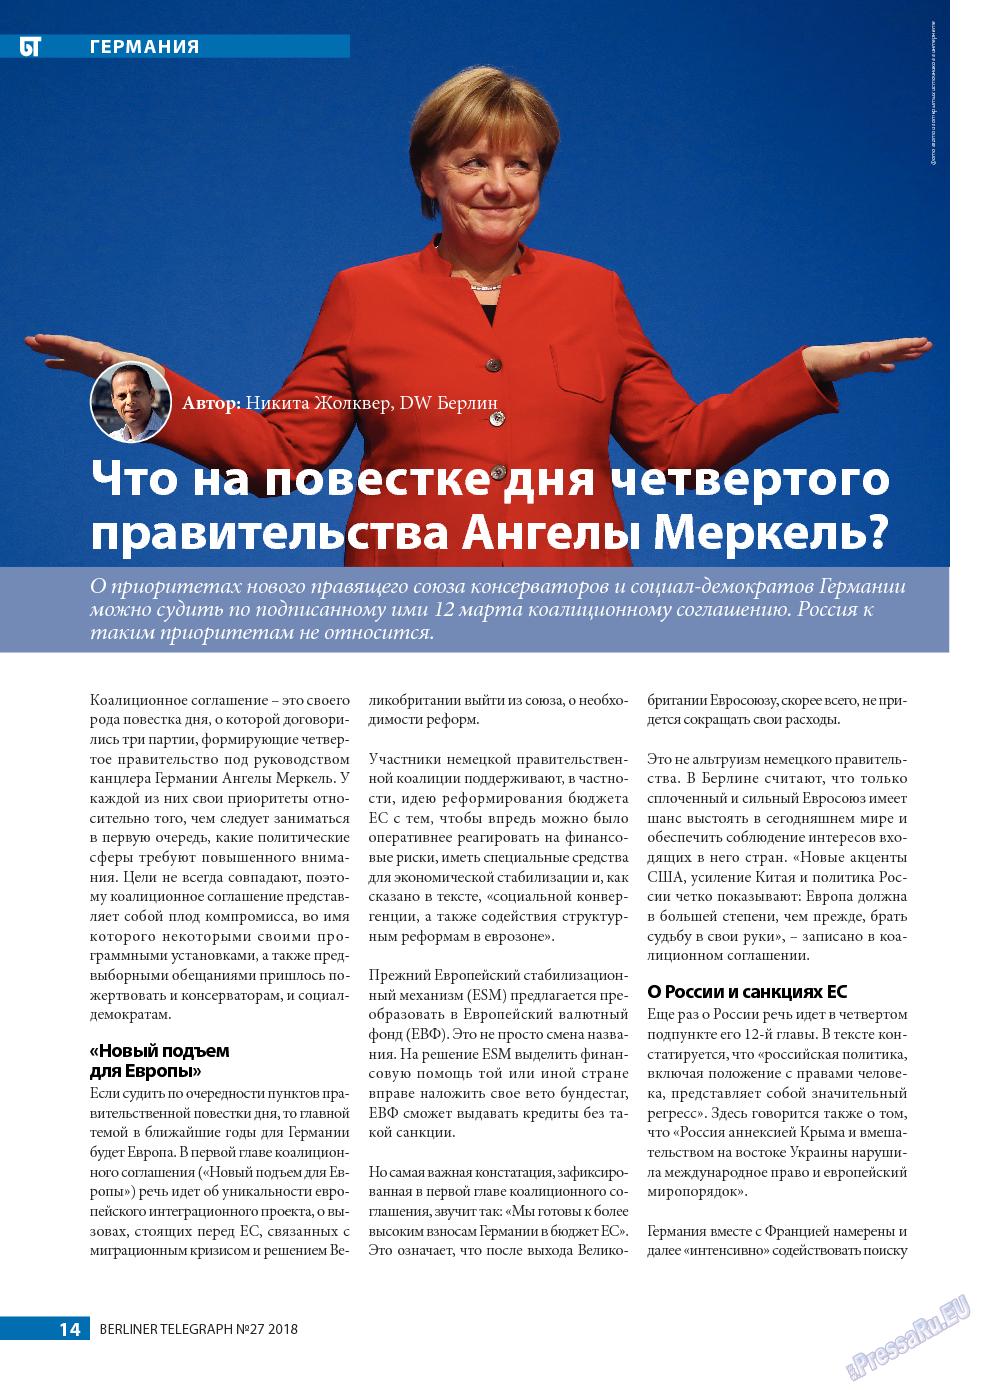 Берлинский телеграф (журнал). 2018 год, номер 27, стр. 14